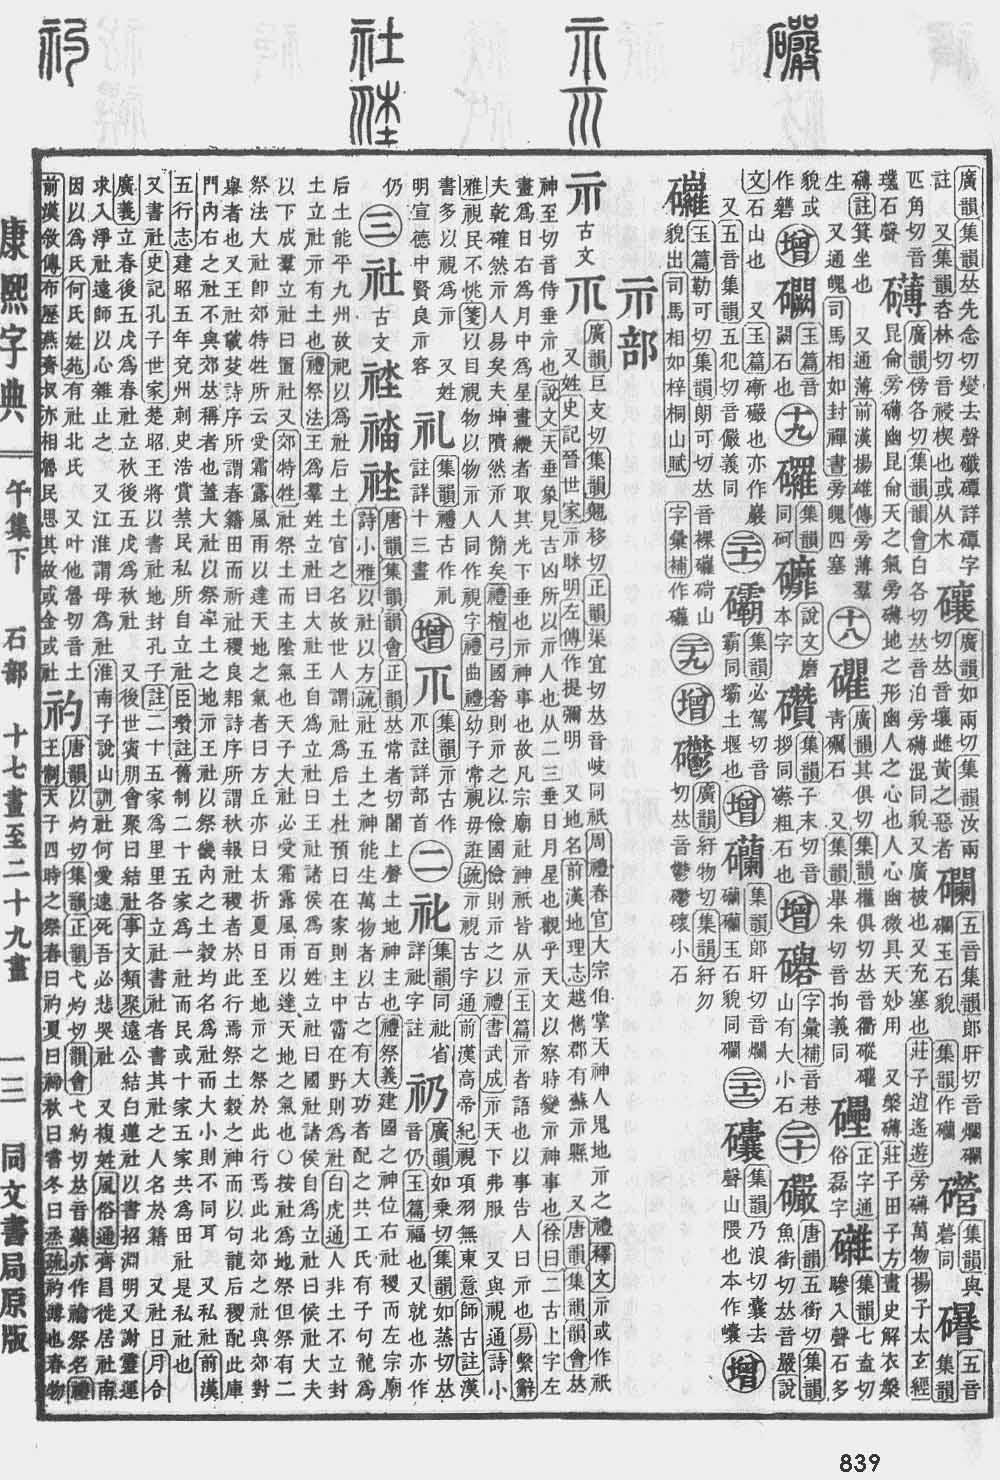 《康熙字典》第839页